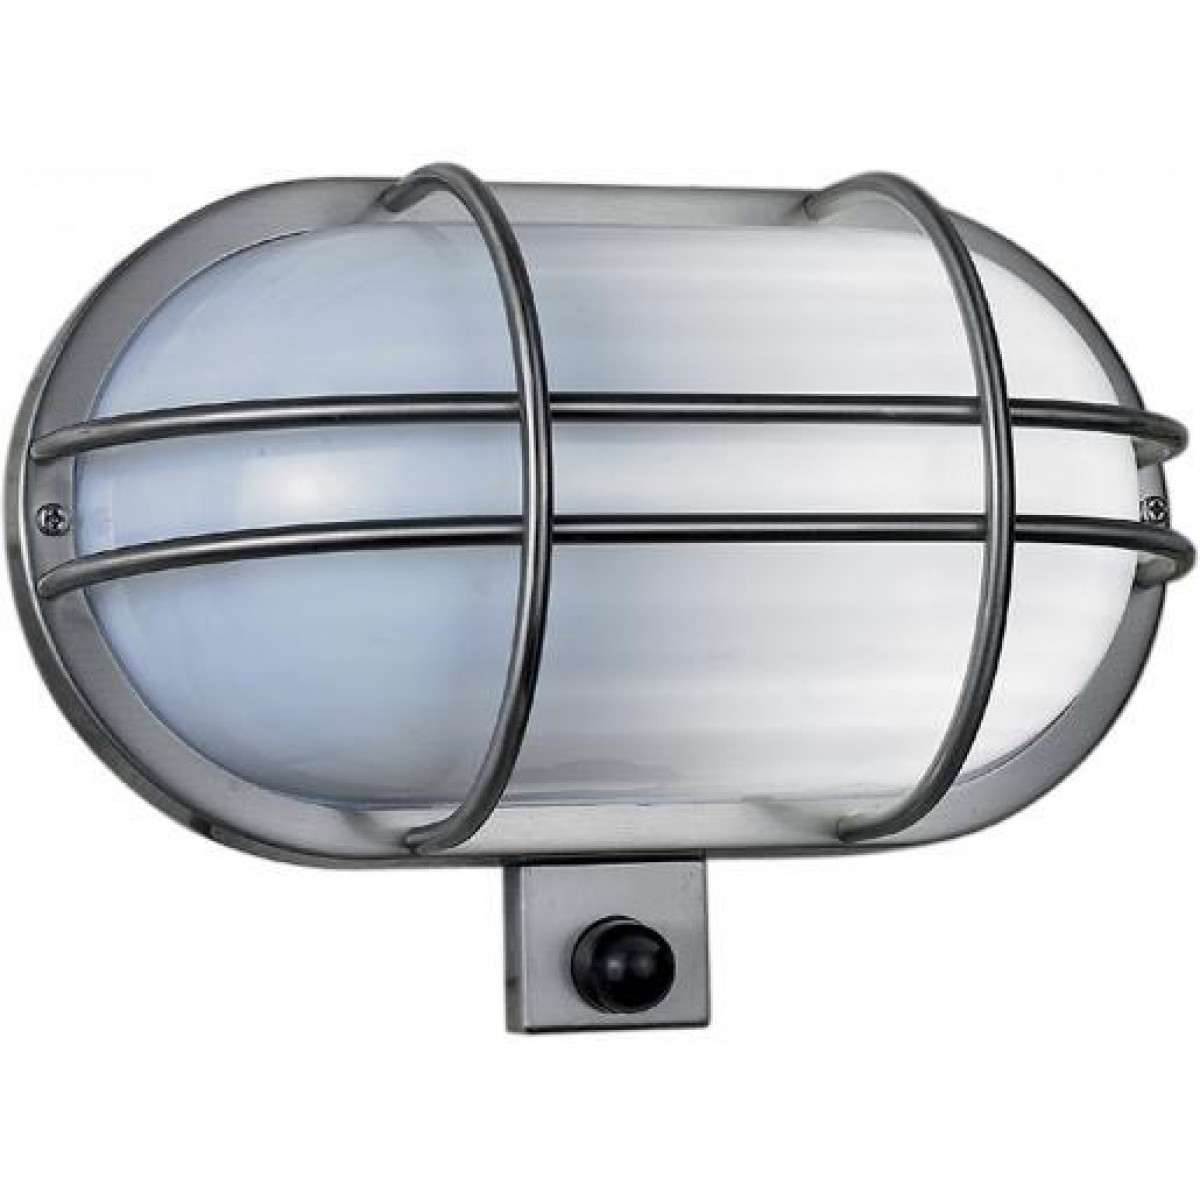 KS Verlichting Buitenlamp SONN RVS met Sensor